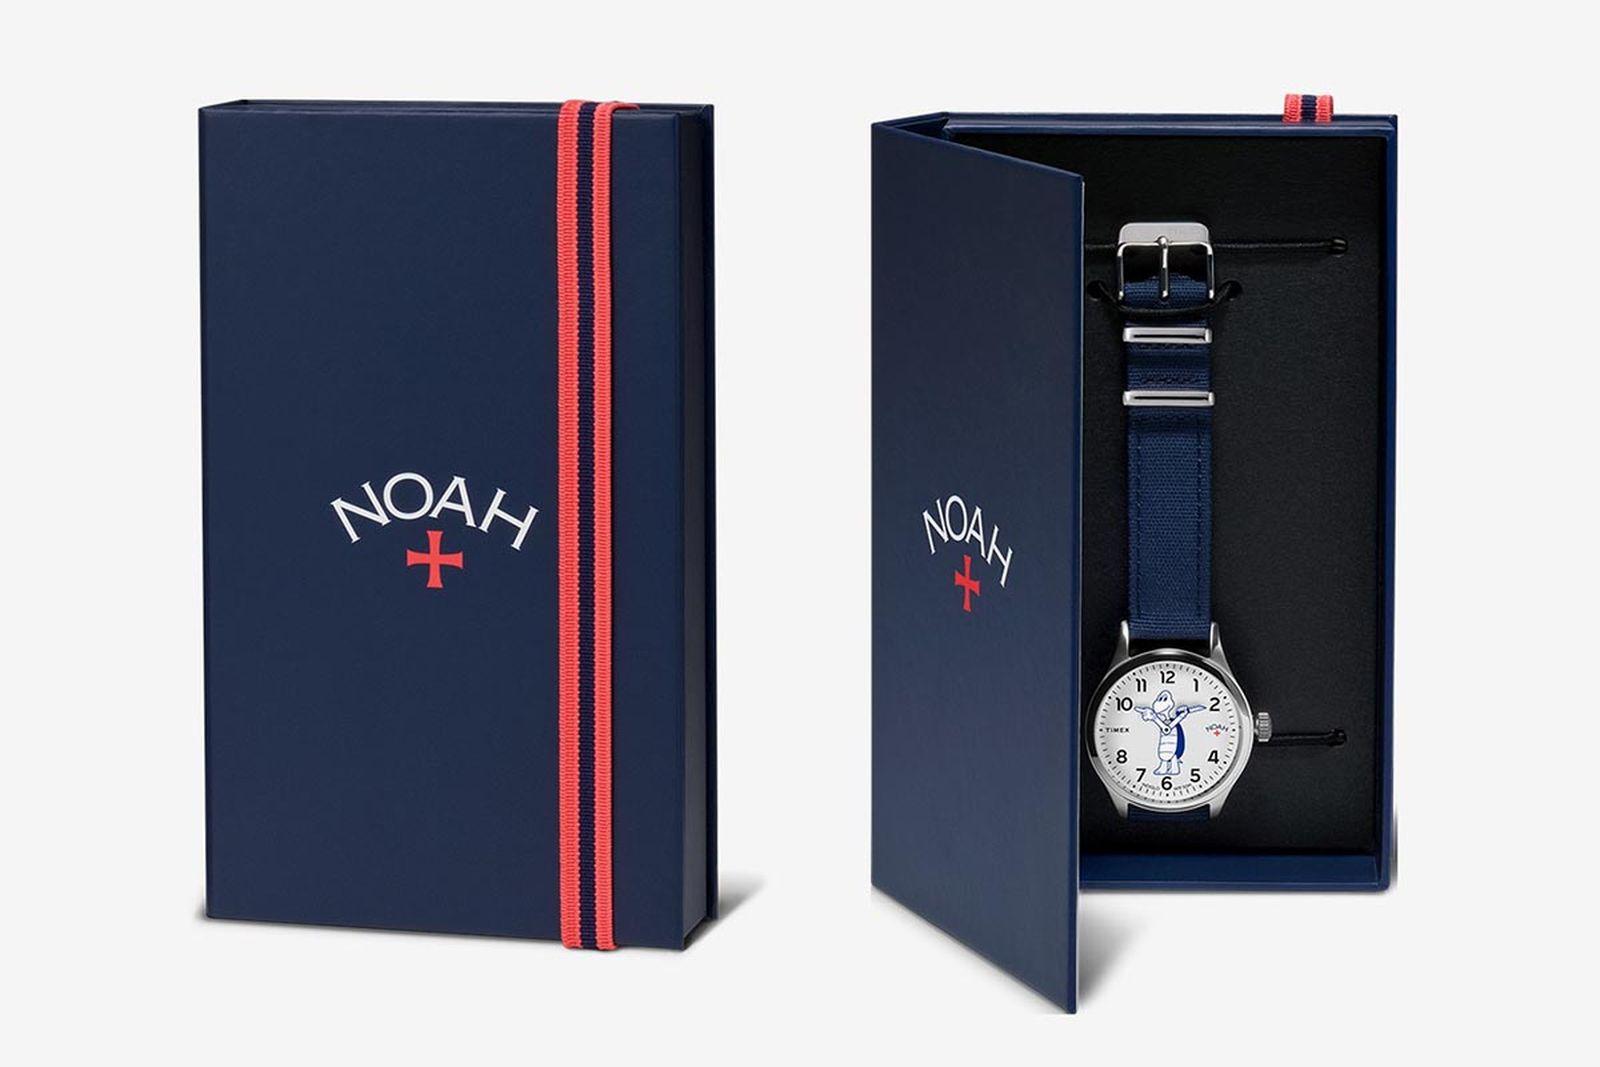 noah-timex-waterbury-03